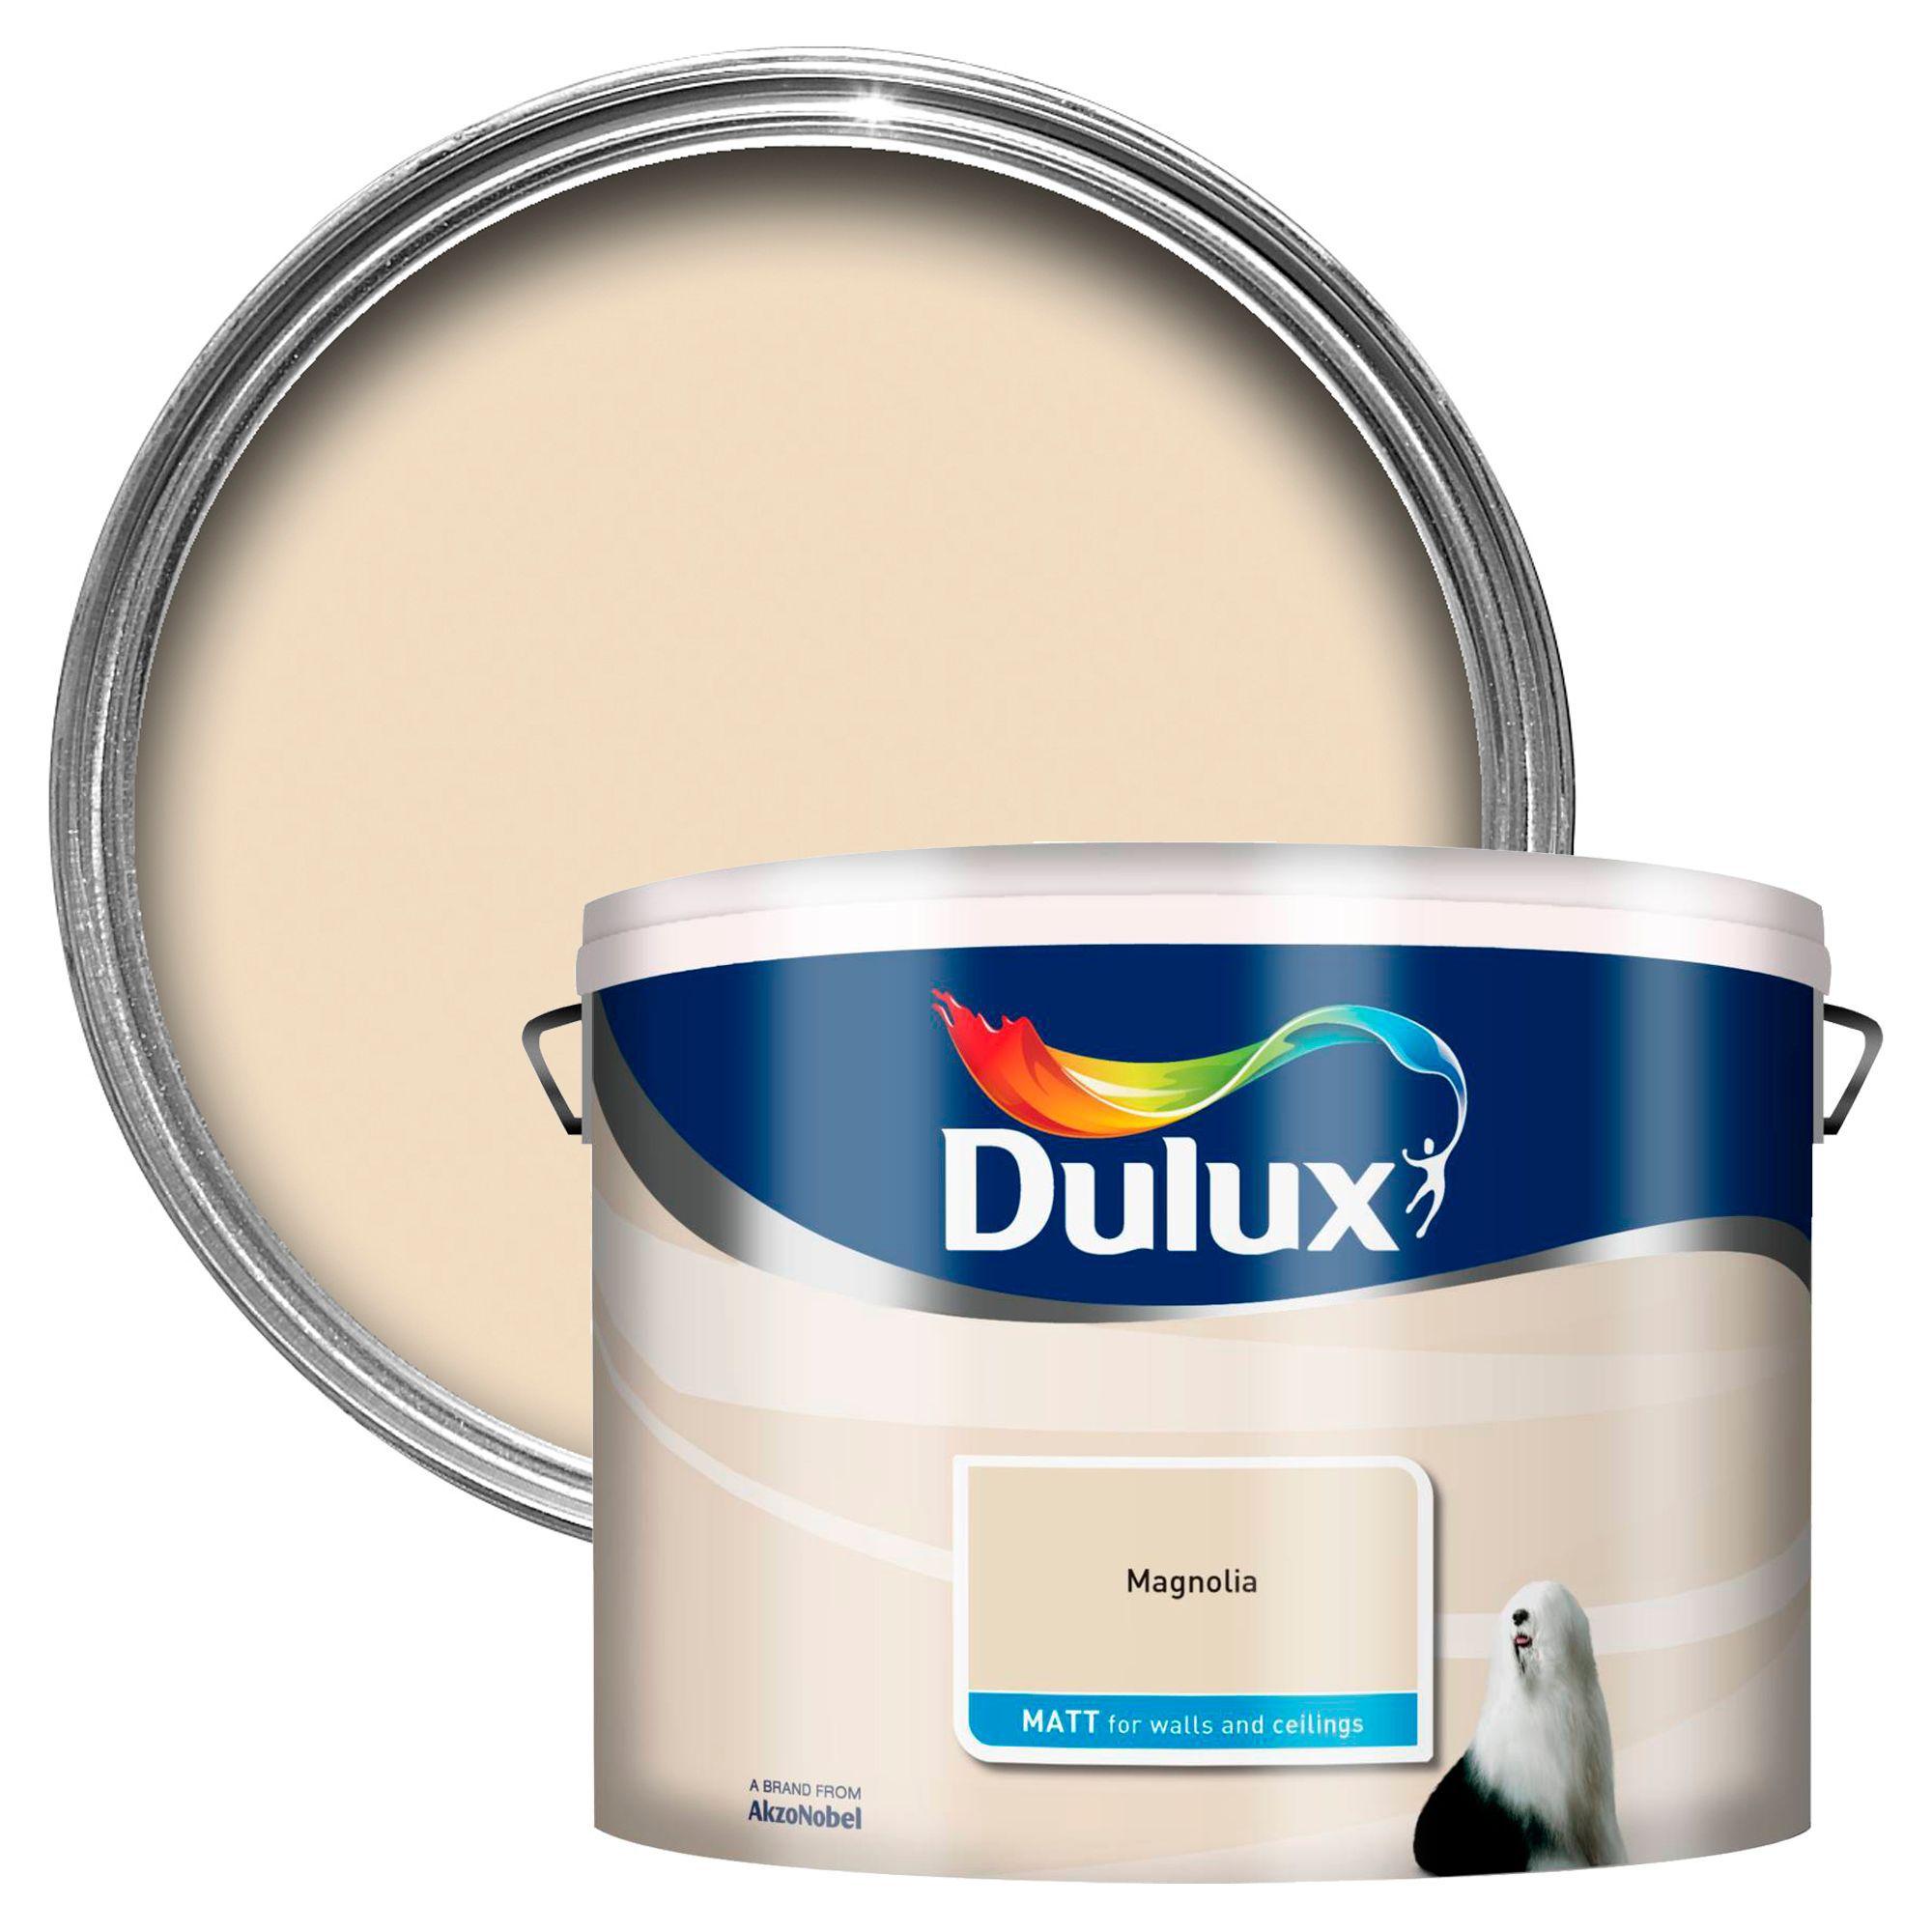 Dulux Bathroom Paints: Dulux Magnolia Matt Emulsion Paint 10L